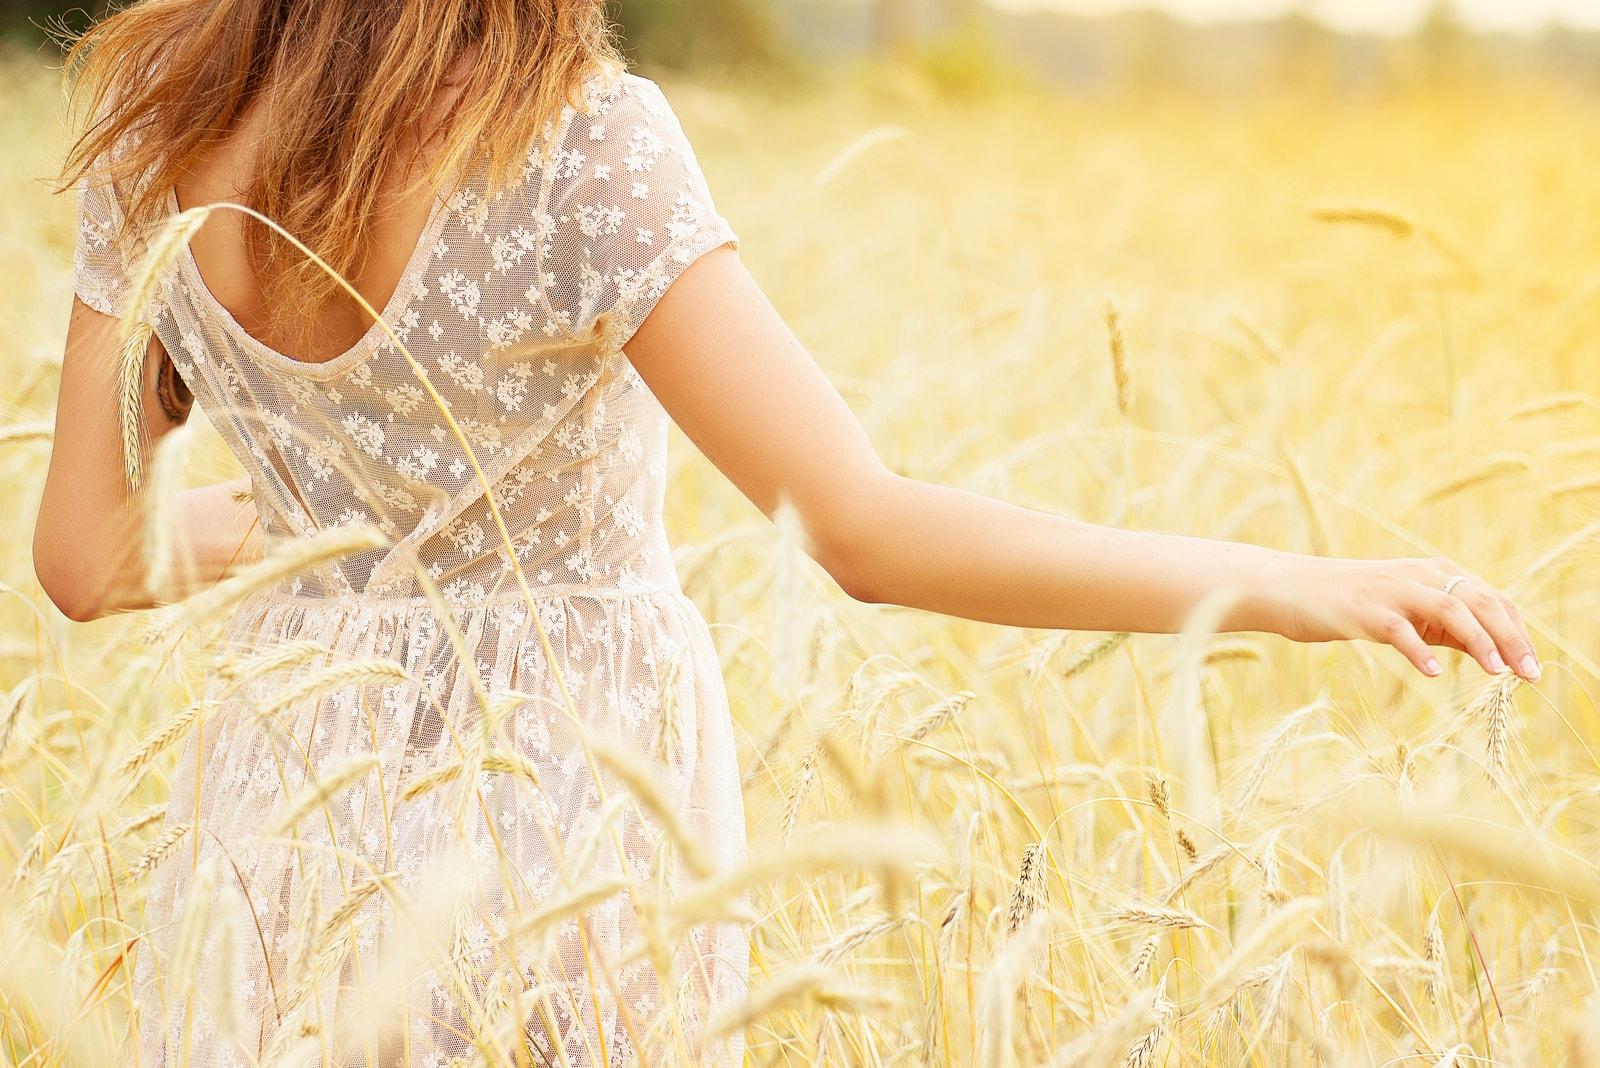 girl wearing white dress in a wheat field